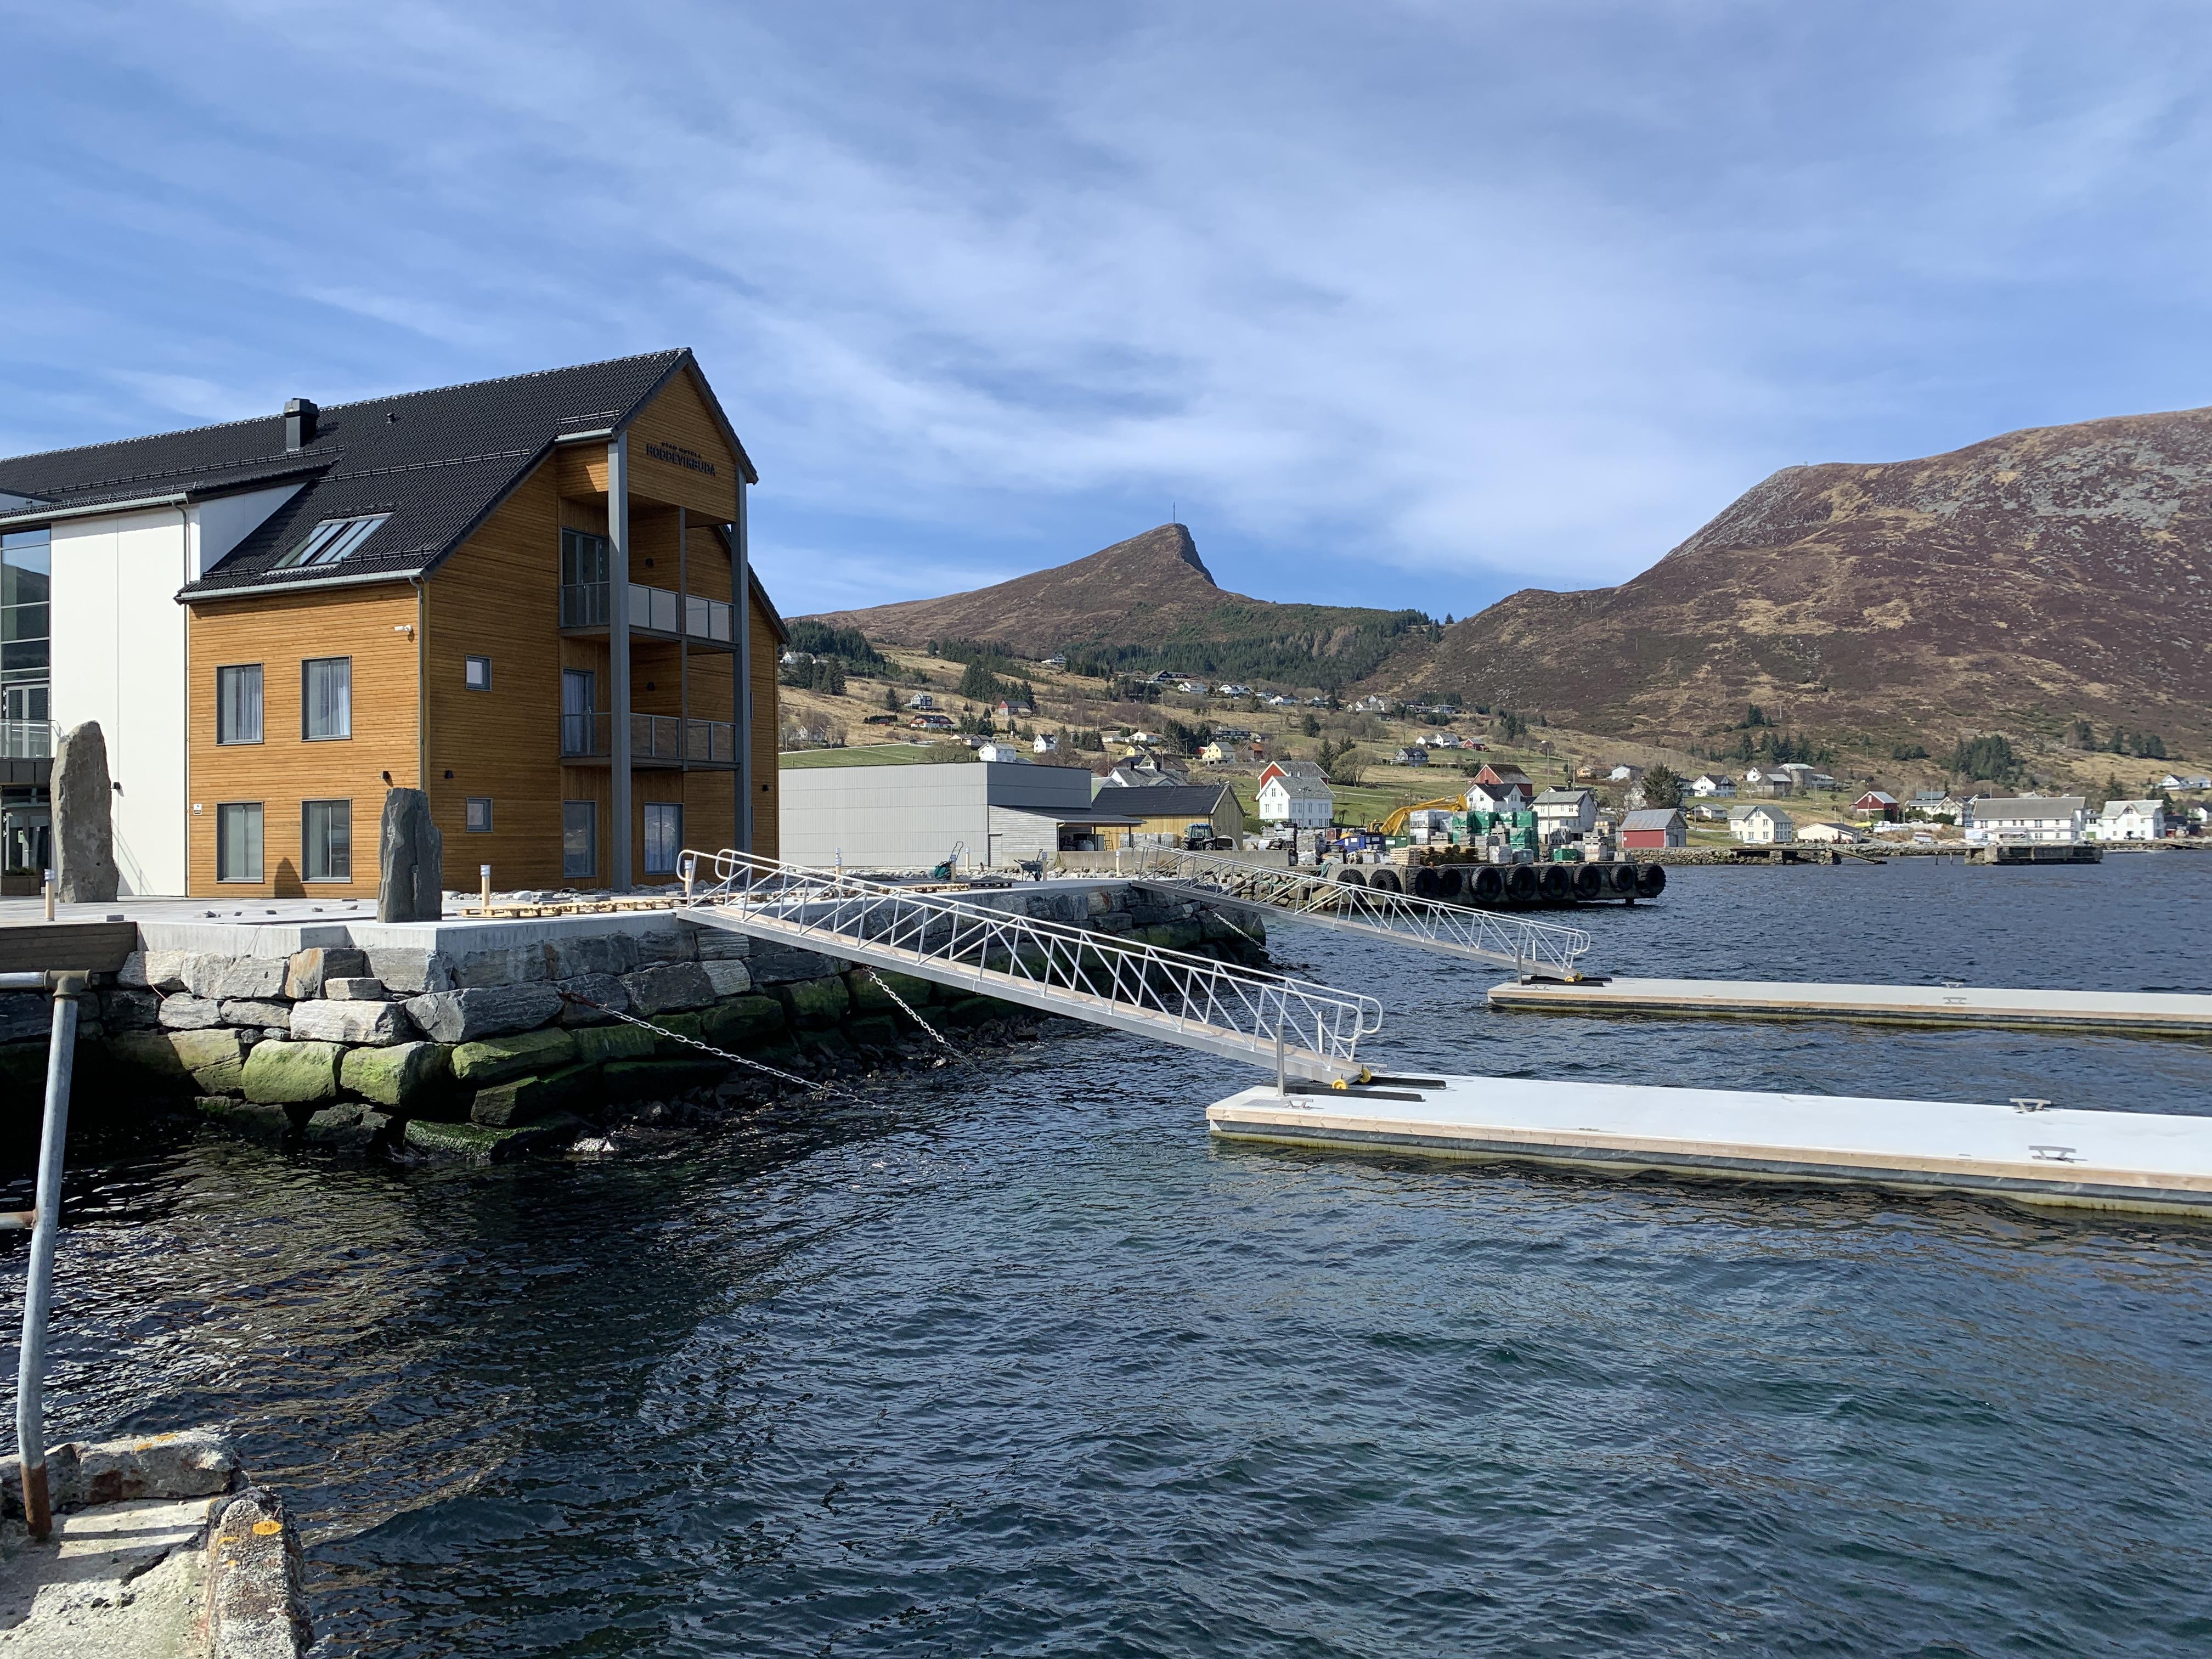 https://www.marinasolutions.no/uploads/Stadt-hotell_Flytebrygger_Marina-Solutions-4.JPG